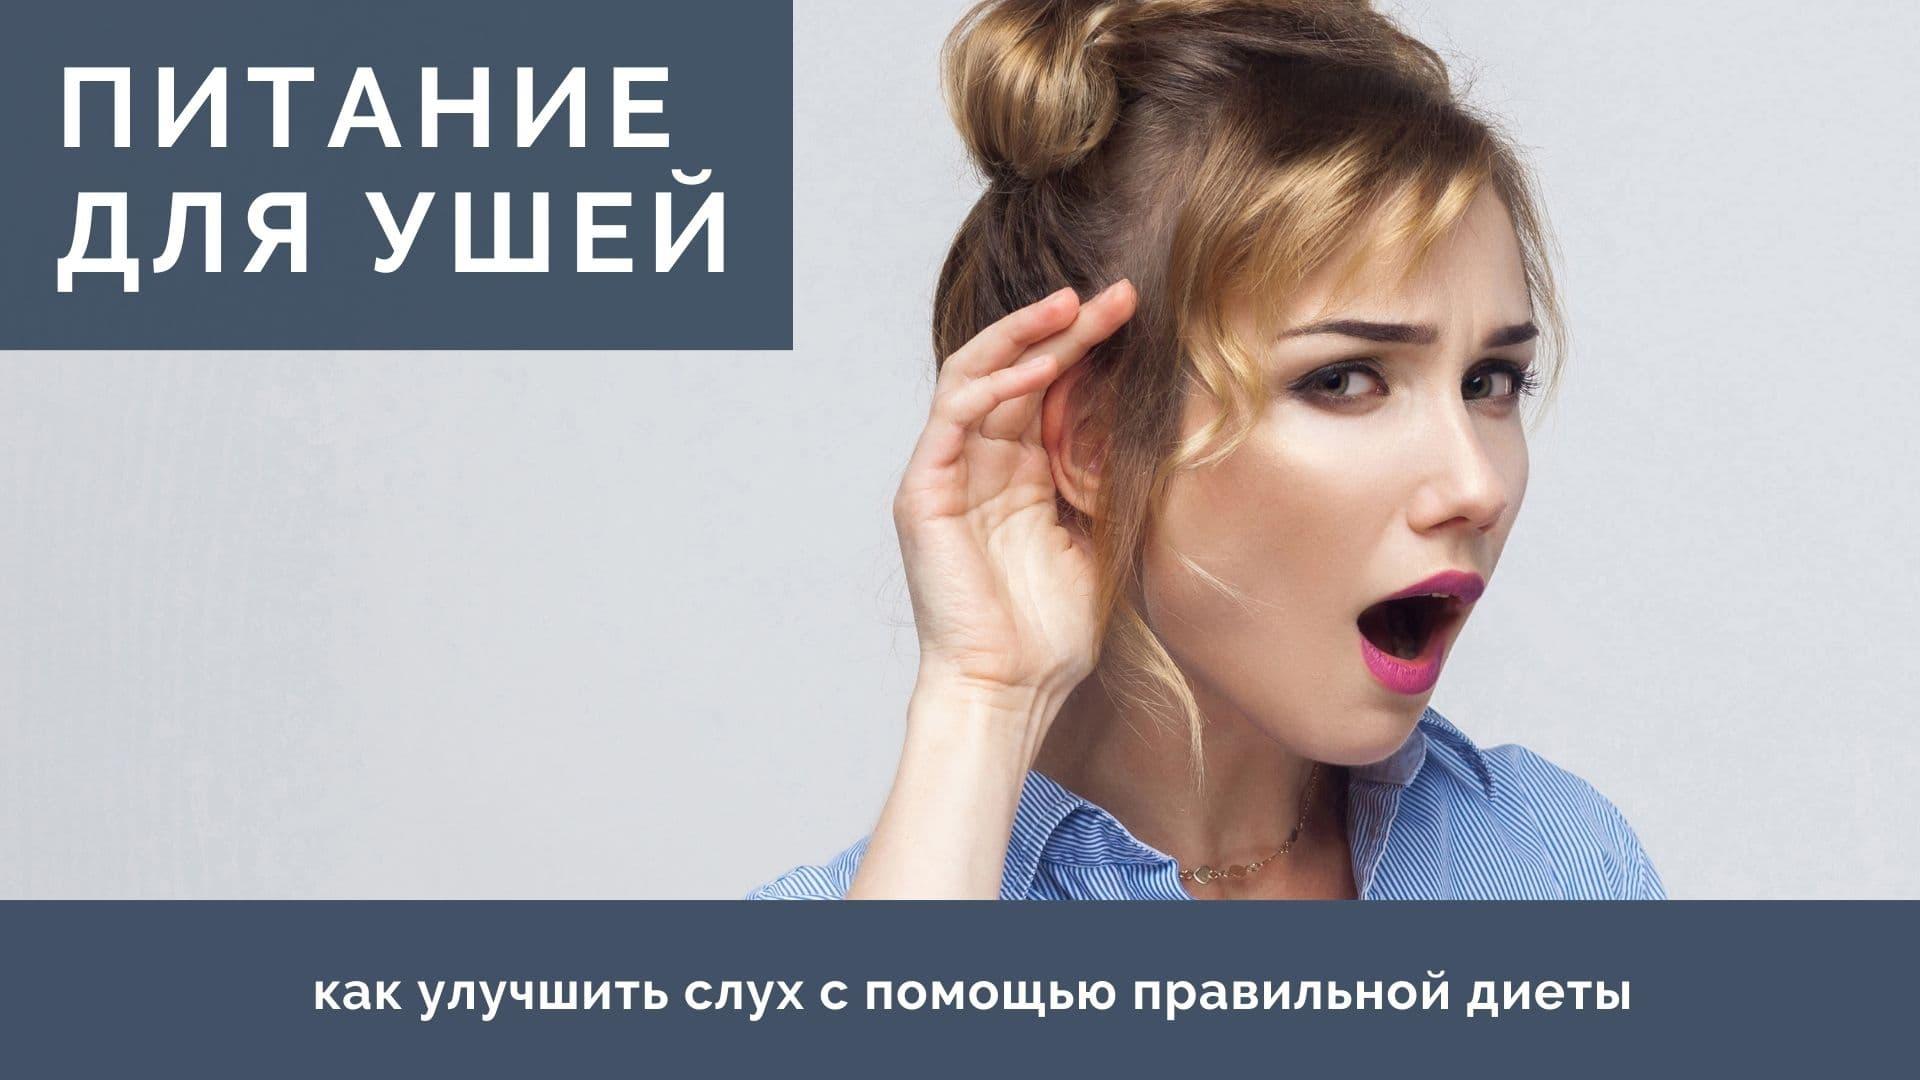 Питание для ушей: как улучшить слух с помощью правильной диеты